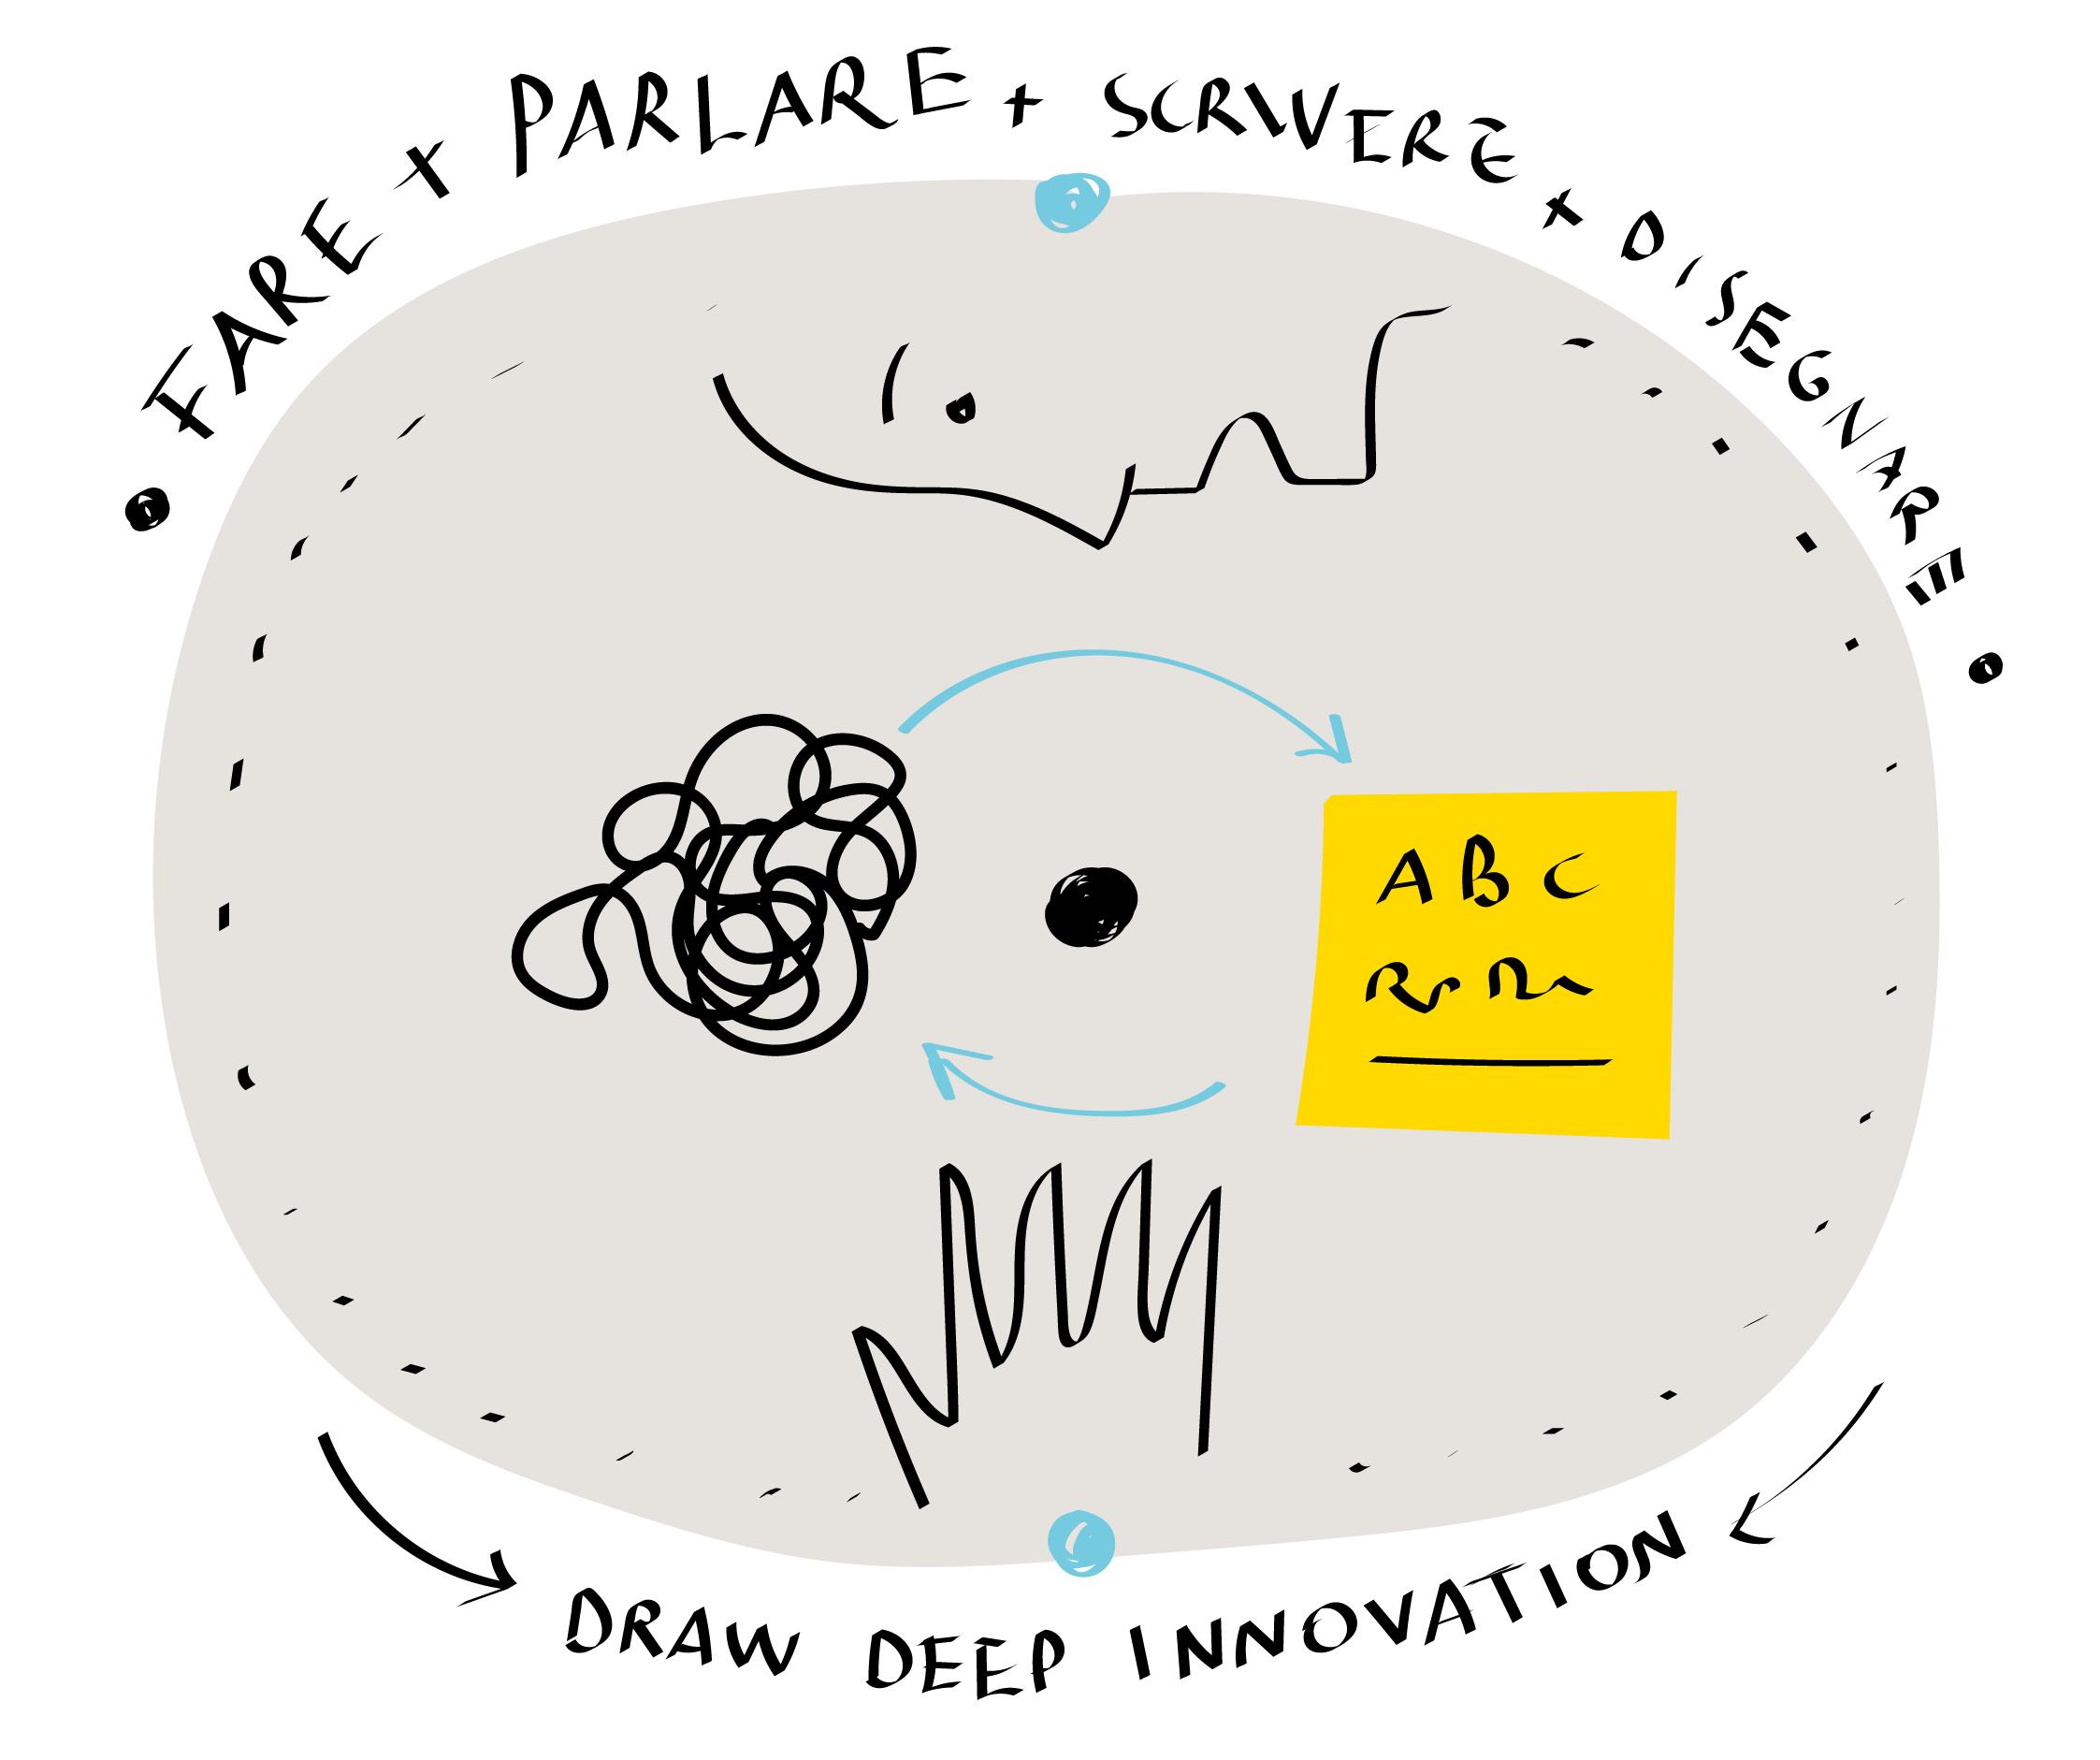 Perché Draw Deep Innovation funziona nei processi organizzativi